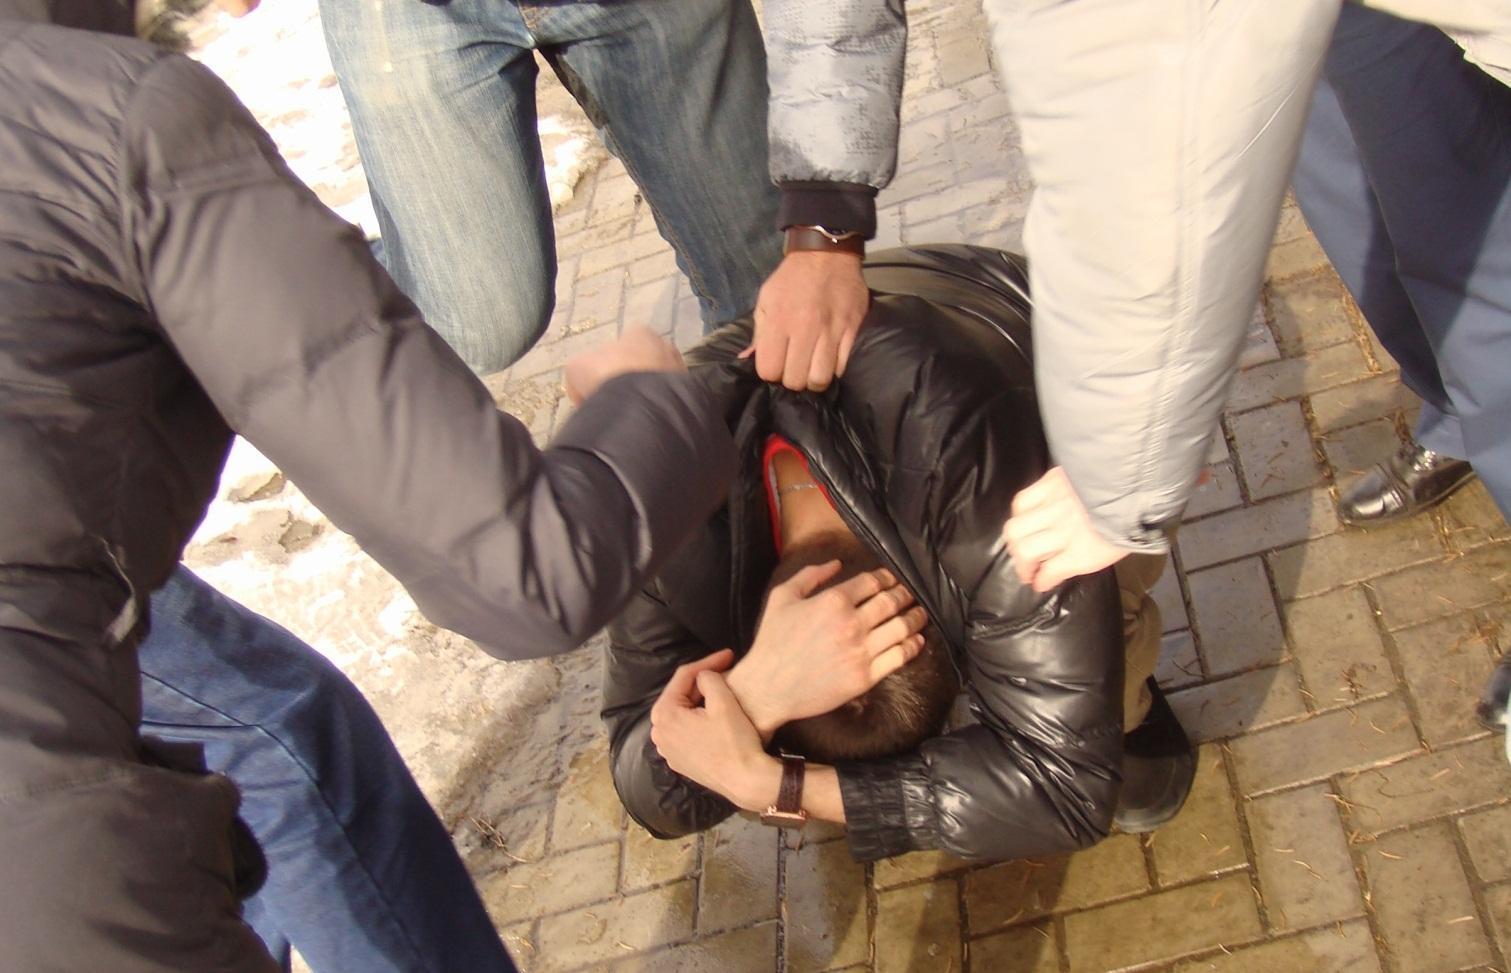 Женщина, сына которой избили толпой в Твери, заявила о давлении на их семью после возбуждения уголовного дела - новости Афанасий